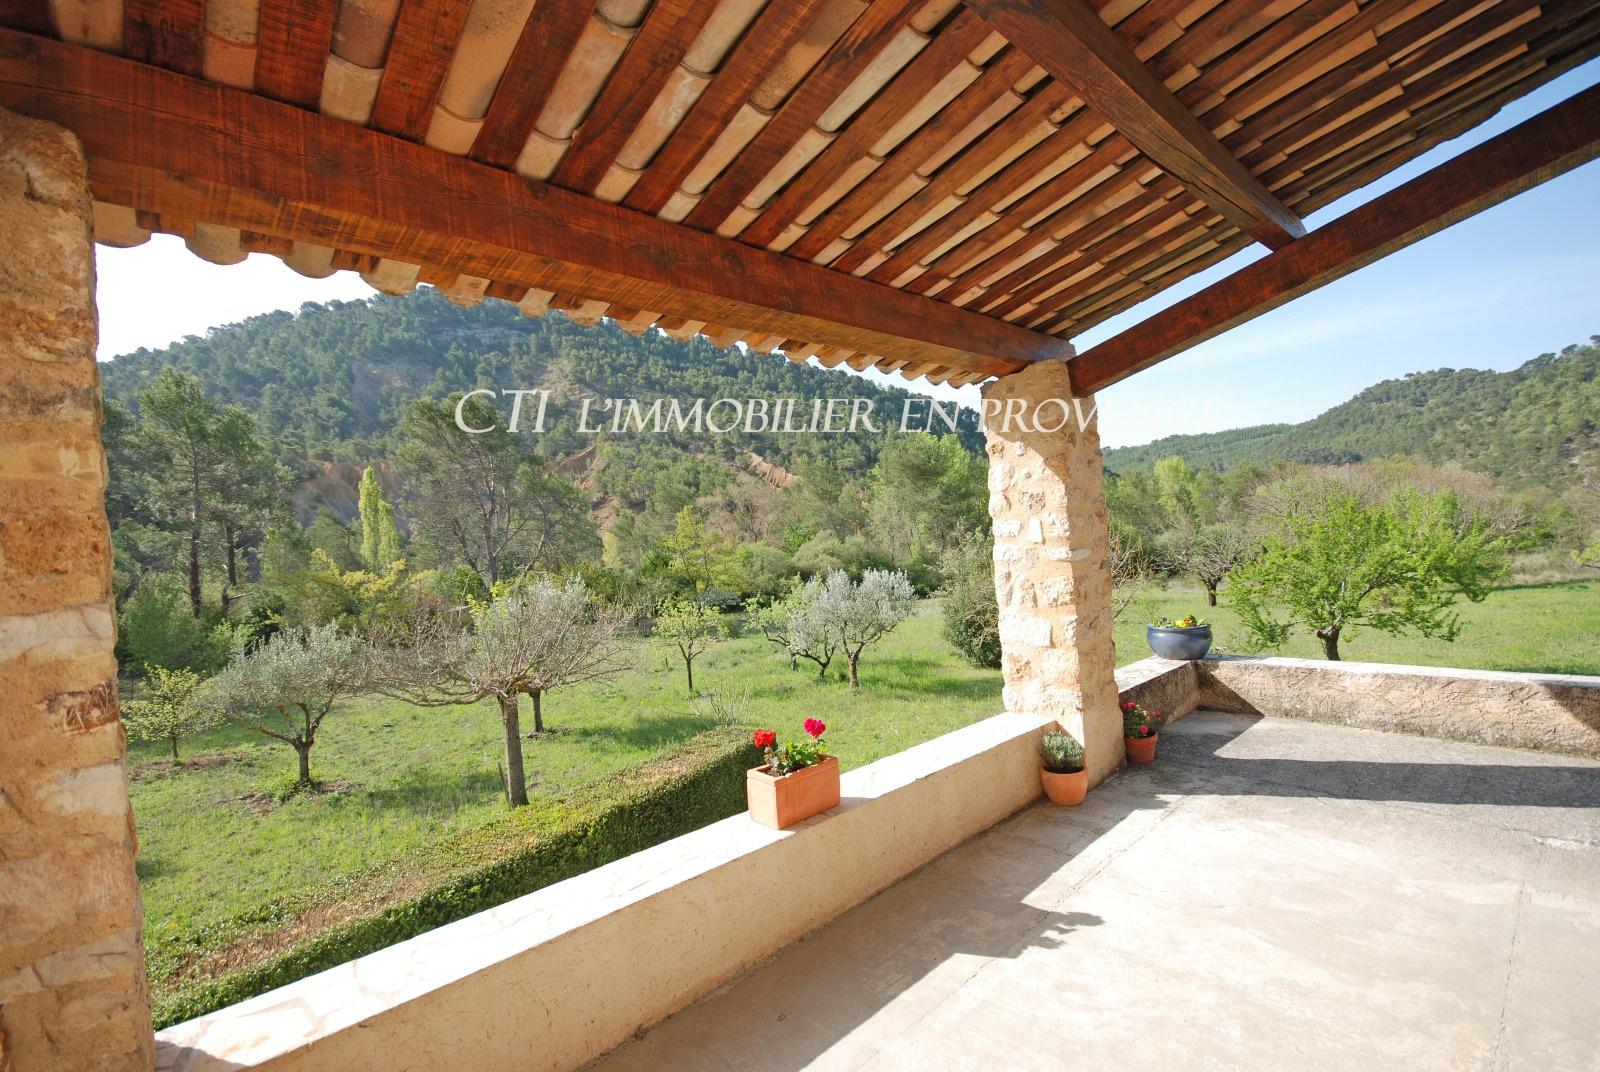 0 www.cti-provence.net A VENDRE MAISON EN PIERRE DE VILLAGE 3 CHAMBRES JARDIN VUE DOMINANTE GARAGE